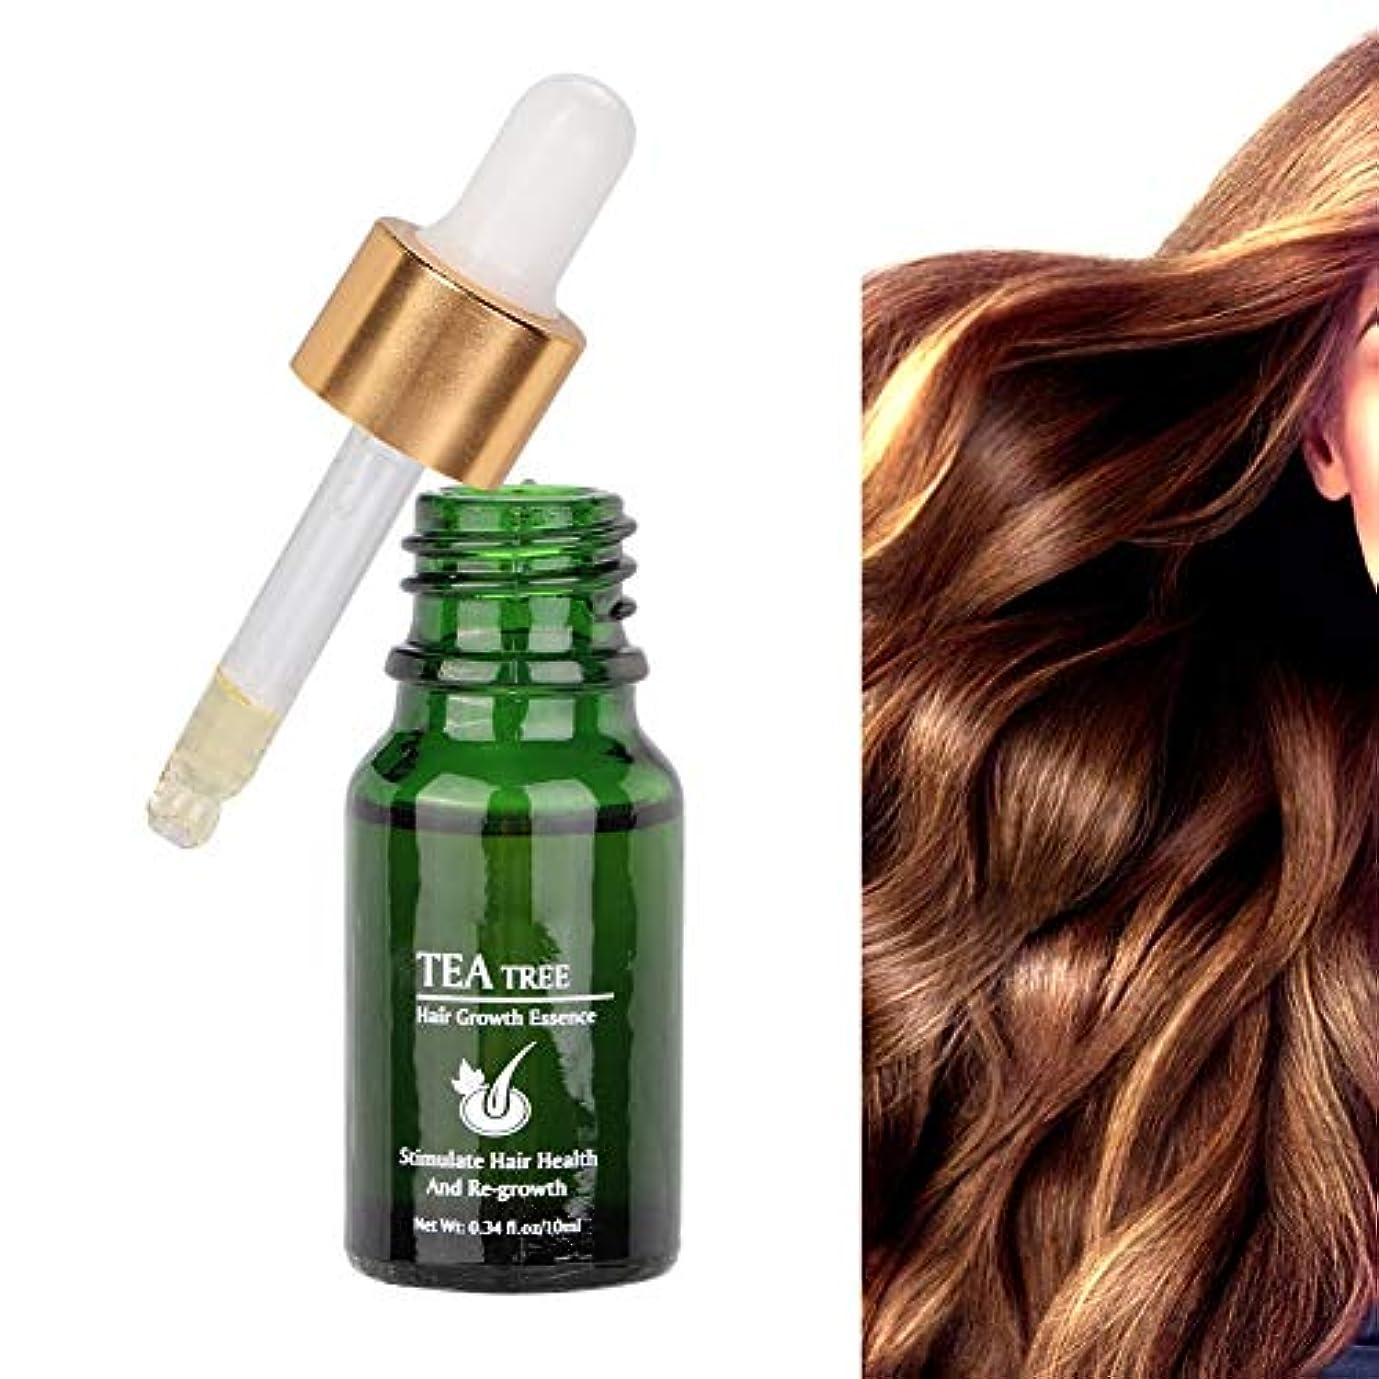 繁栄するアベニュー才能のある女性と男性のためのヘアケア液、プロのヘアケア液の増粘と滑らかな髪と栄養頭皮、